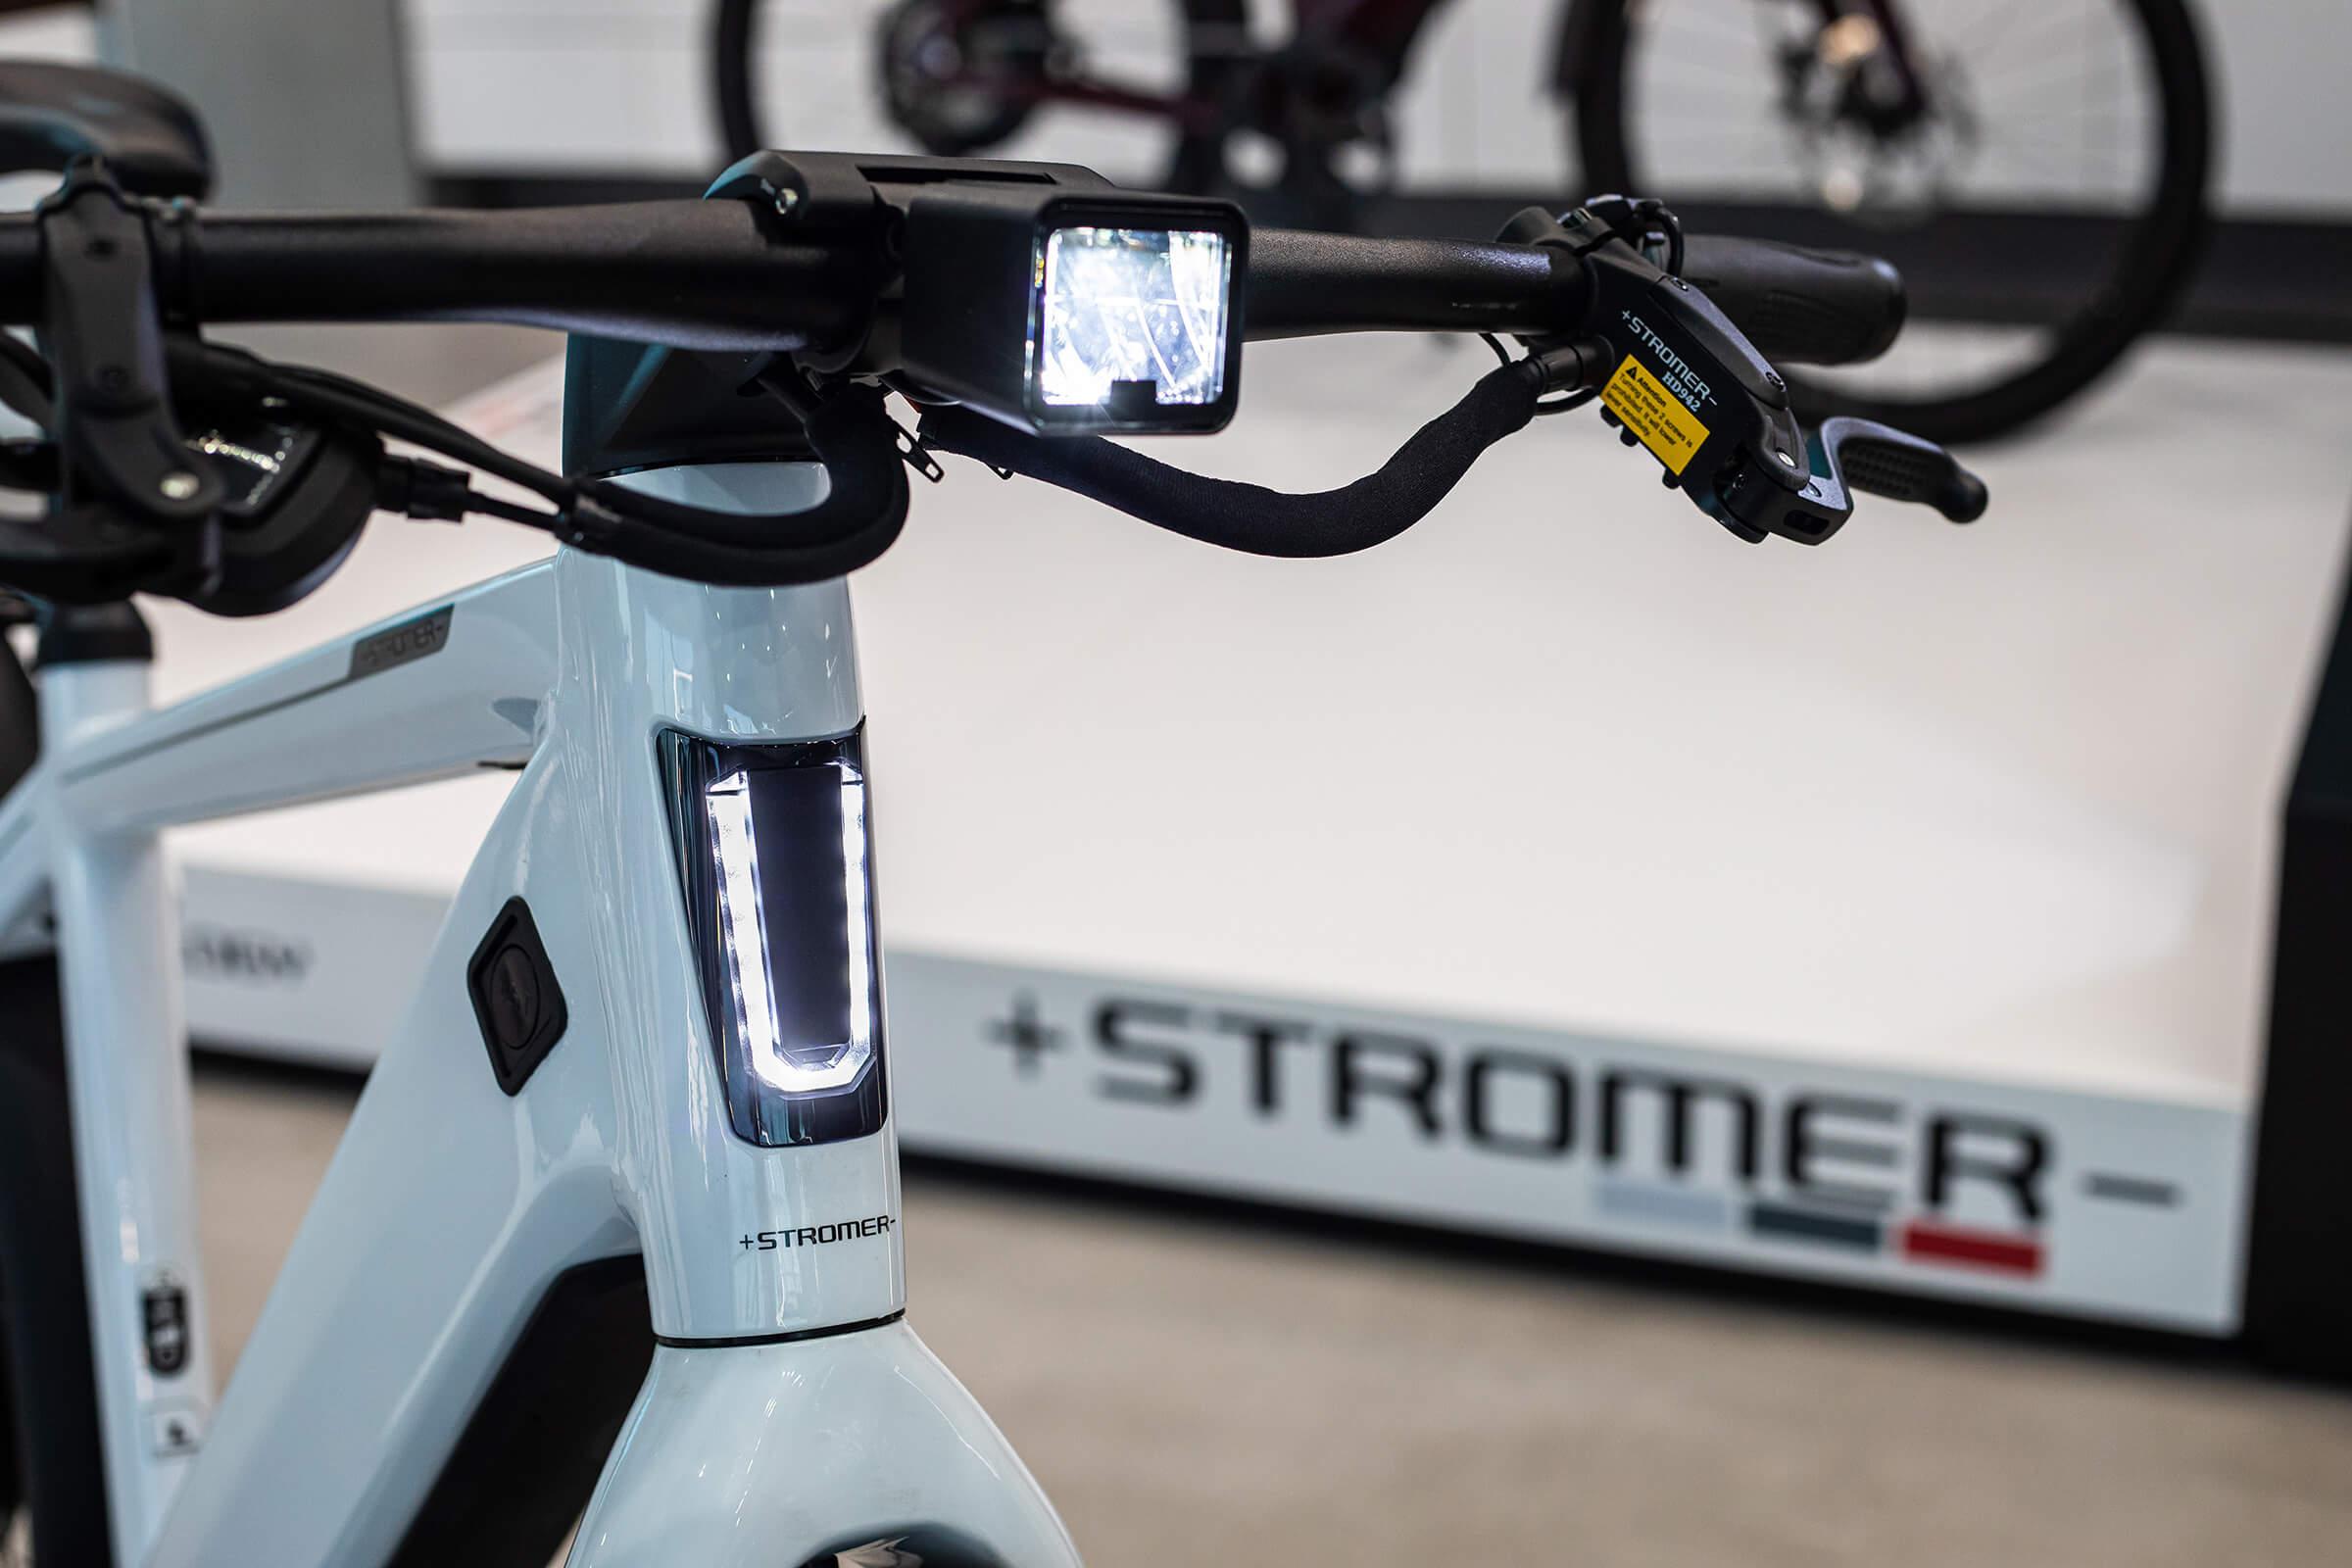 Ηλεκτρικό ποδήλατο Stromer στο Kosmoride e-Bikes experience store